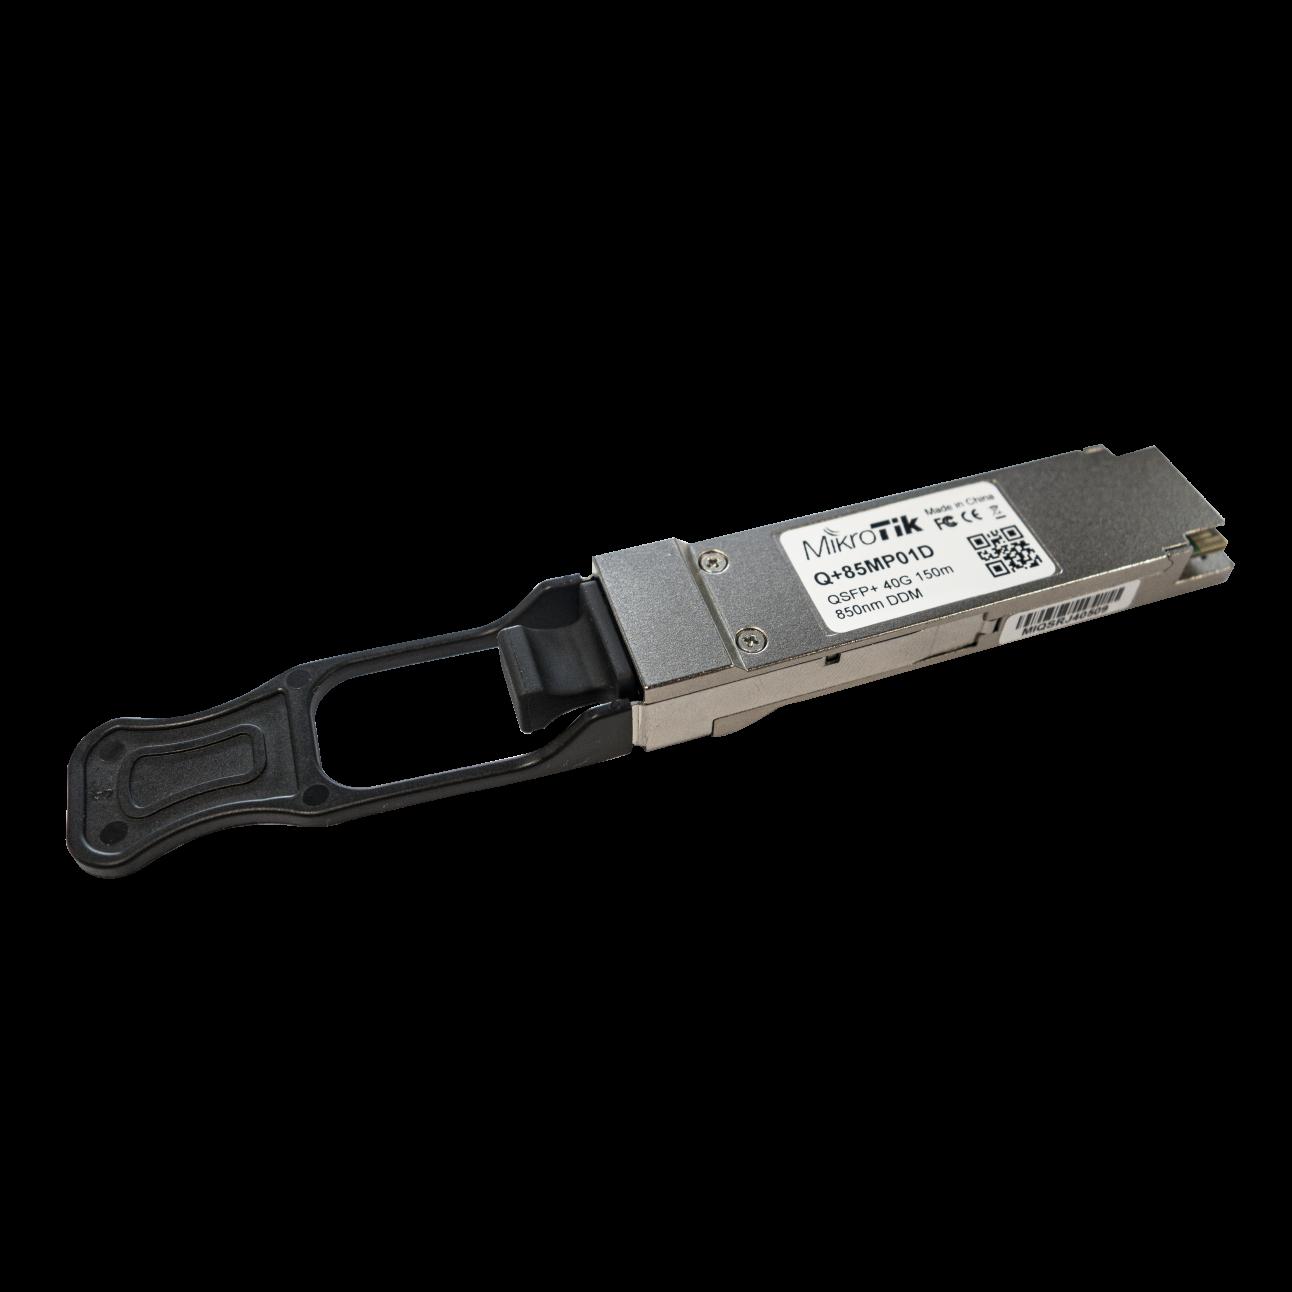 Модуль Mikrotik QSFP+ оптический, 40G, дальность до 150м, 850nm